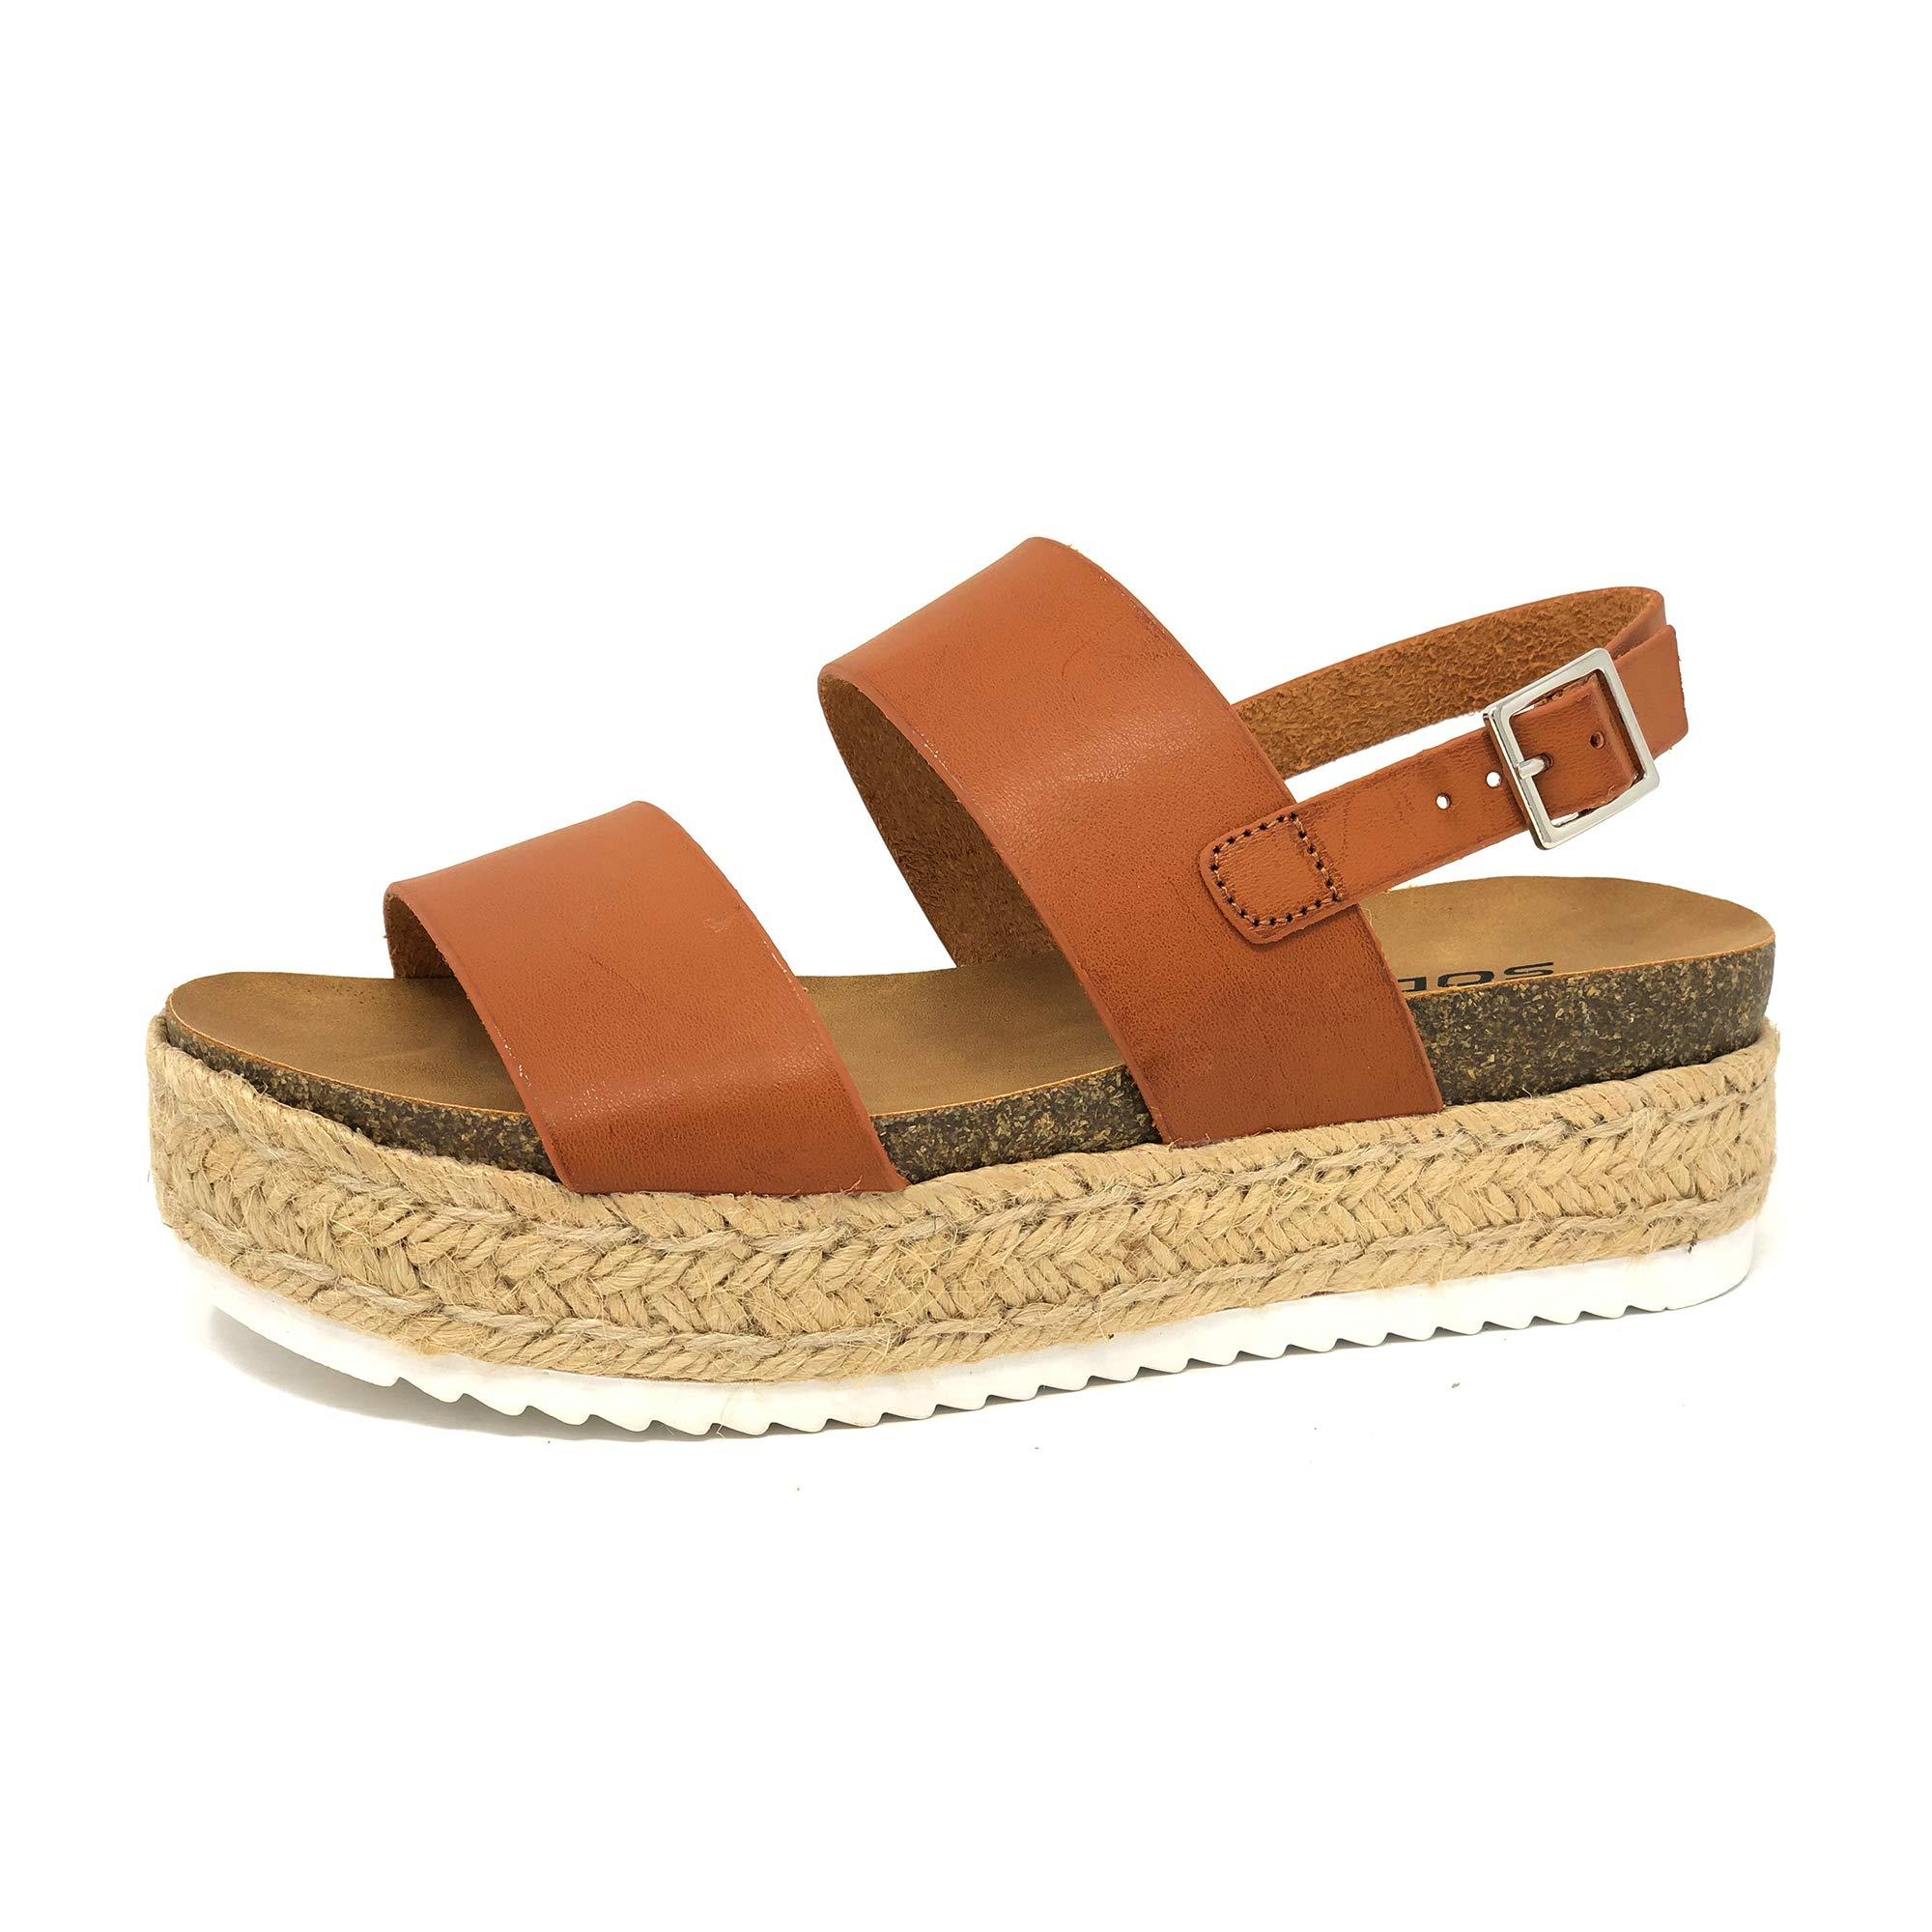 women's open toe ankle strap espadrille sandal